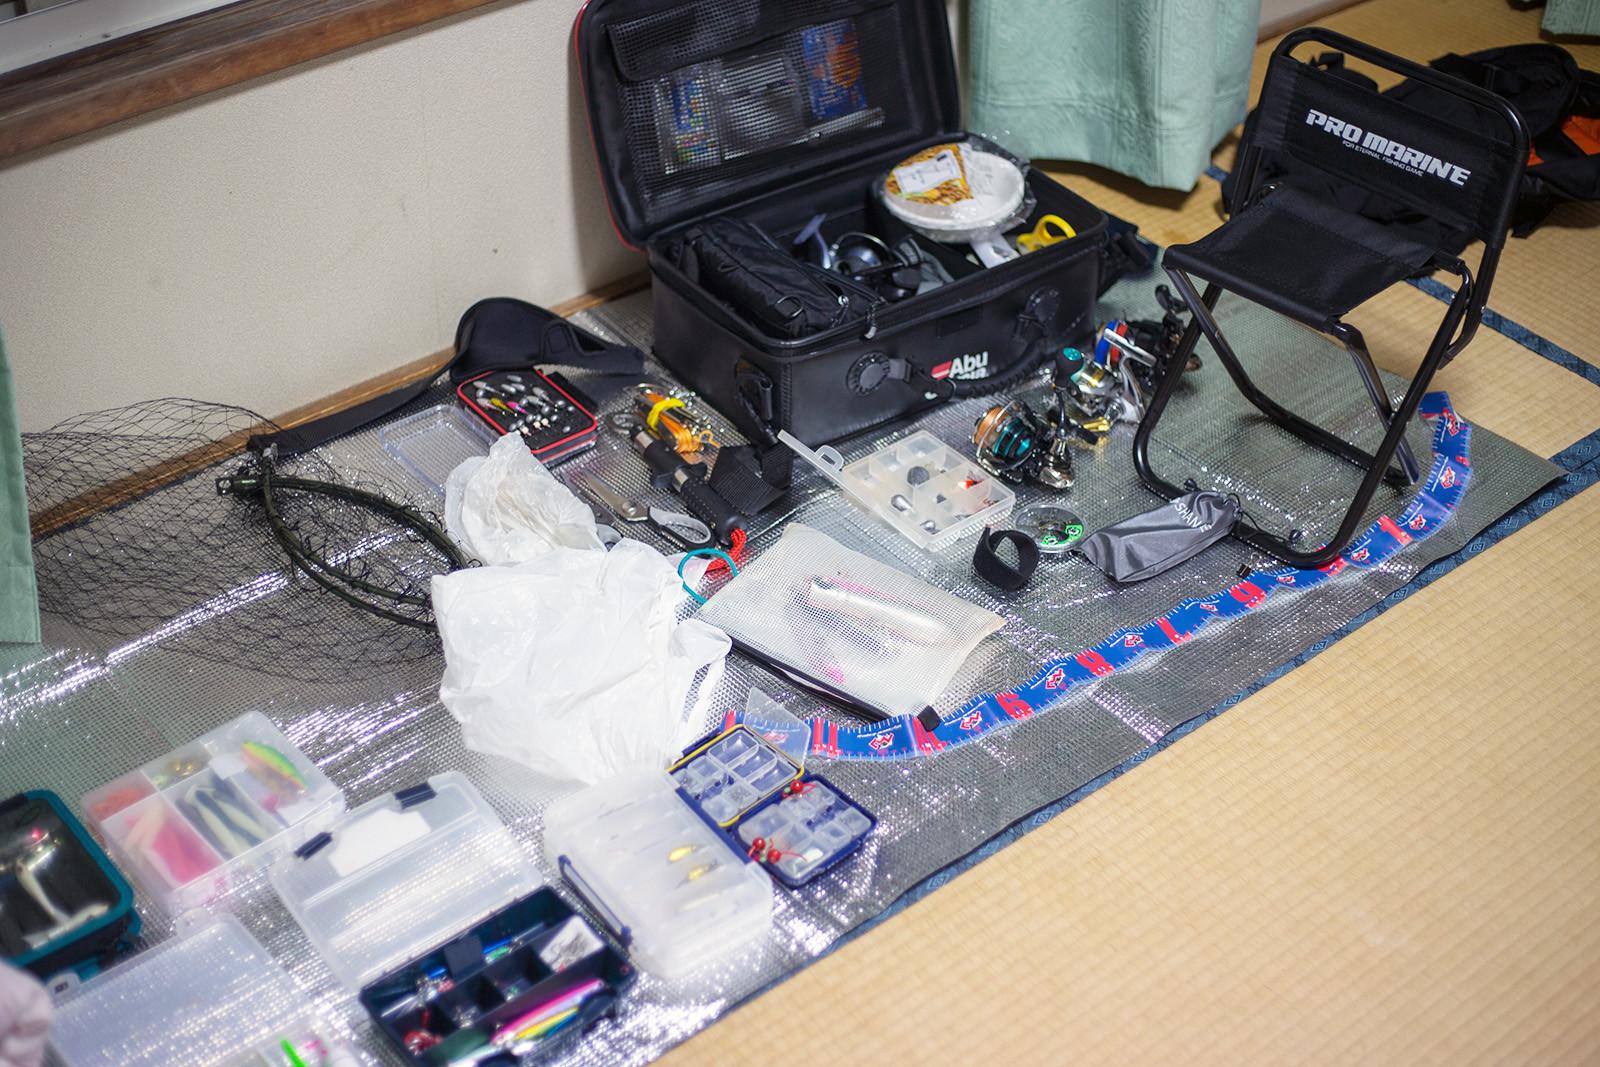 式根島の泊まった民宿で一時的に濡れた荷物を広げて乾かす